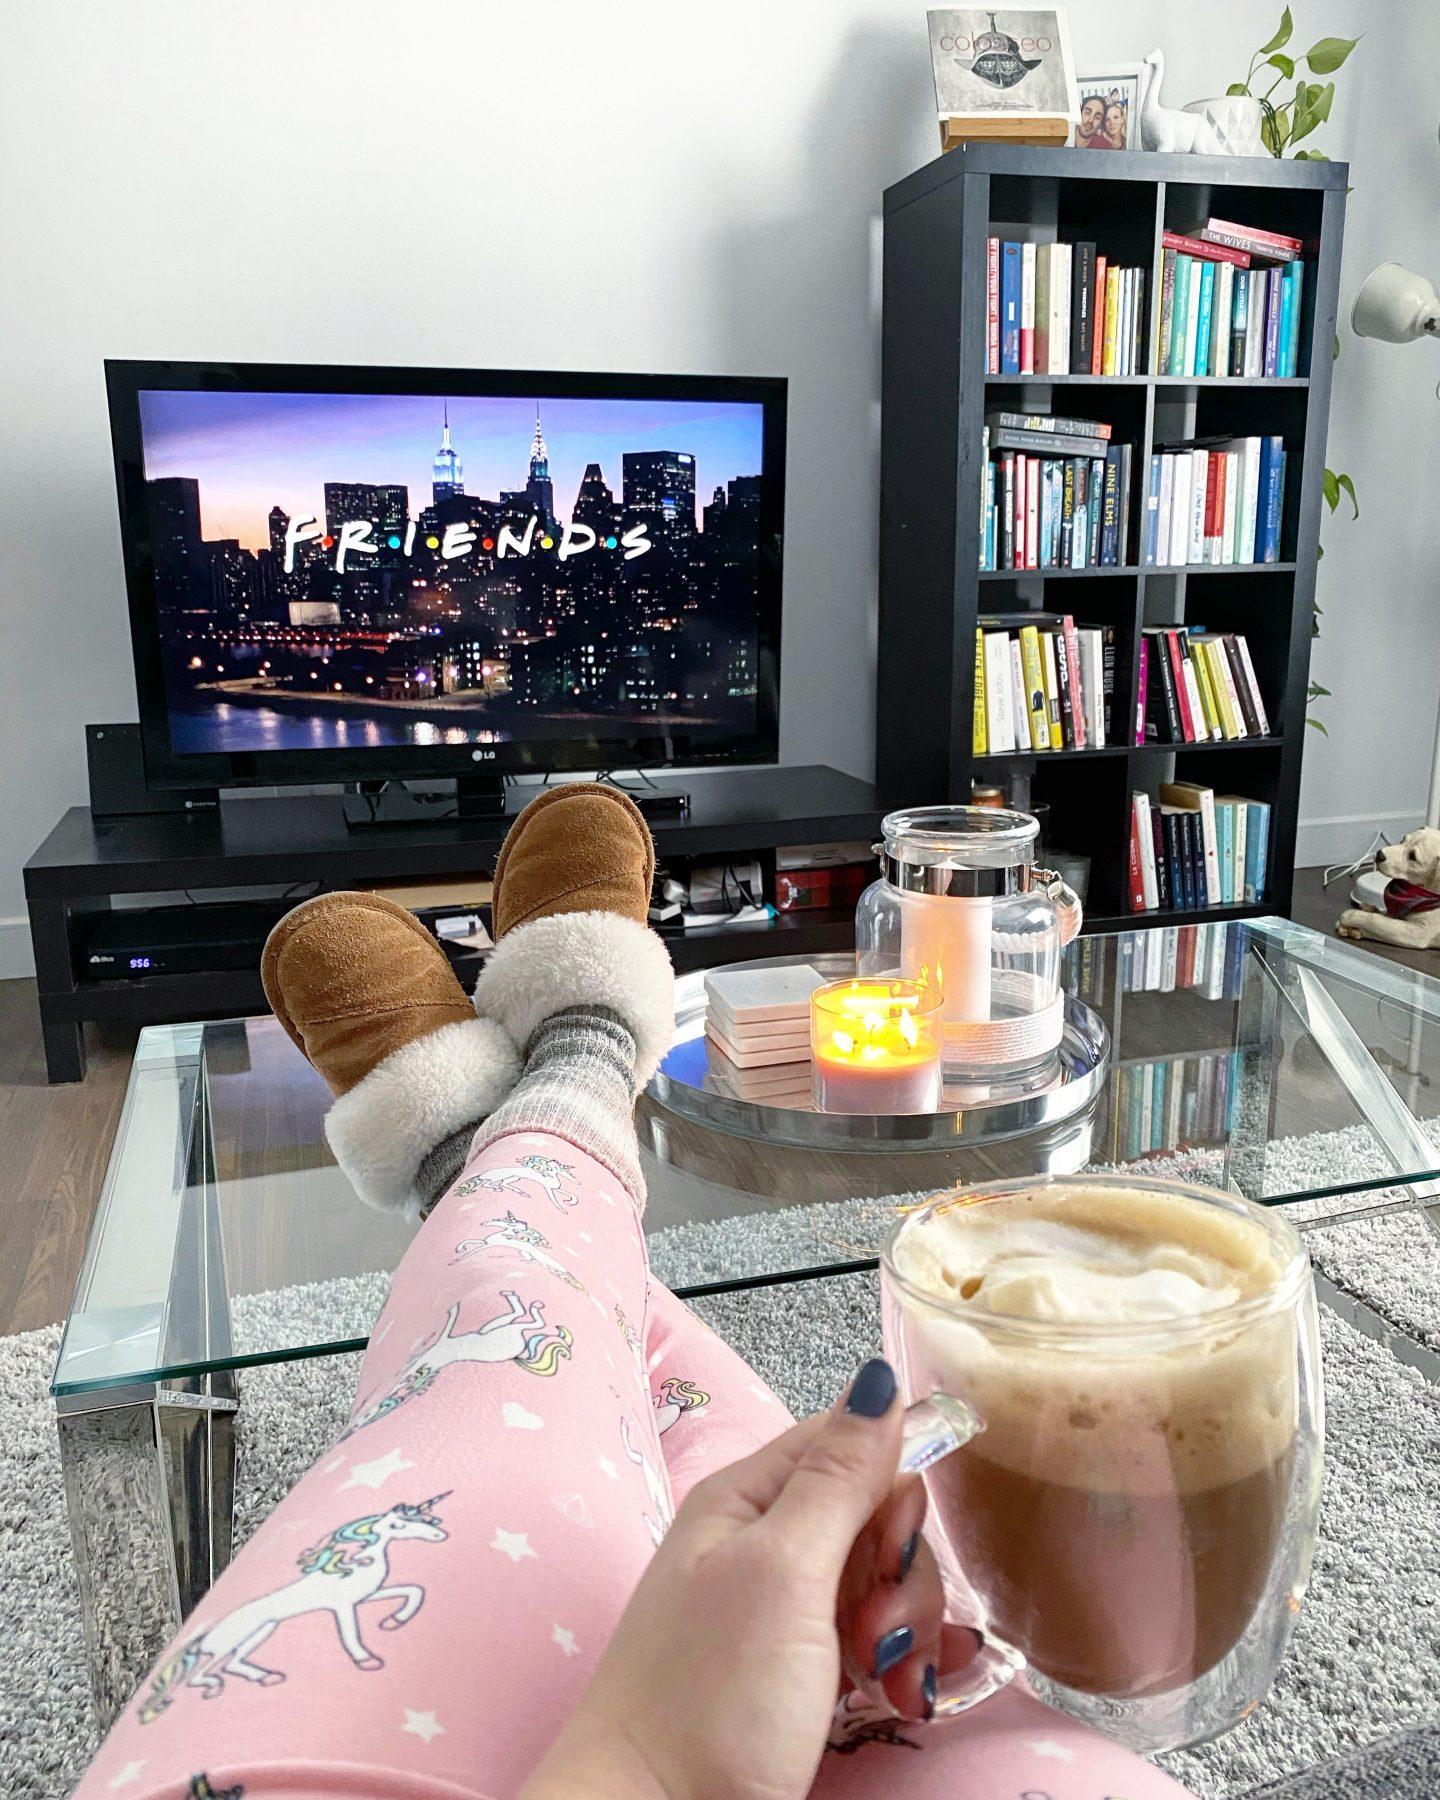 12 choses à faire à la maison